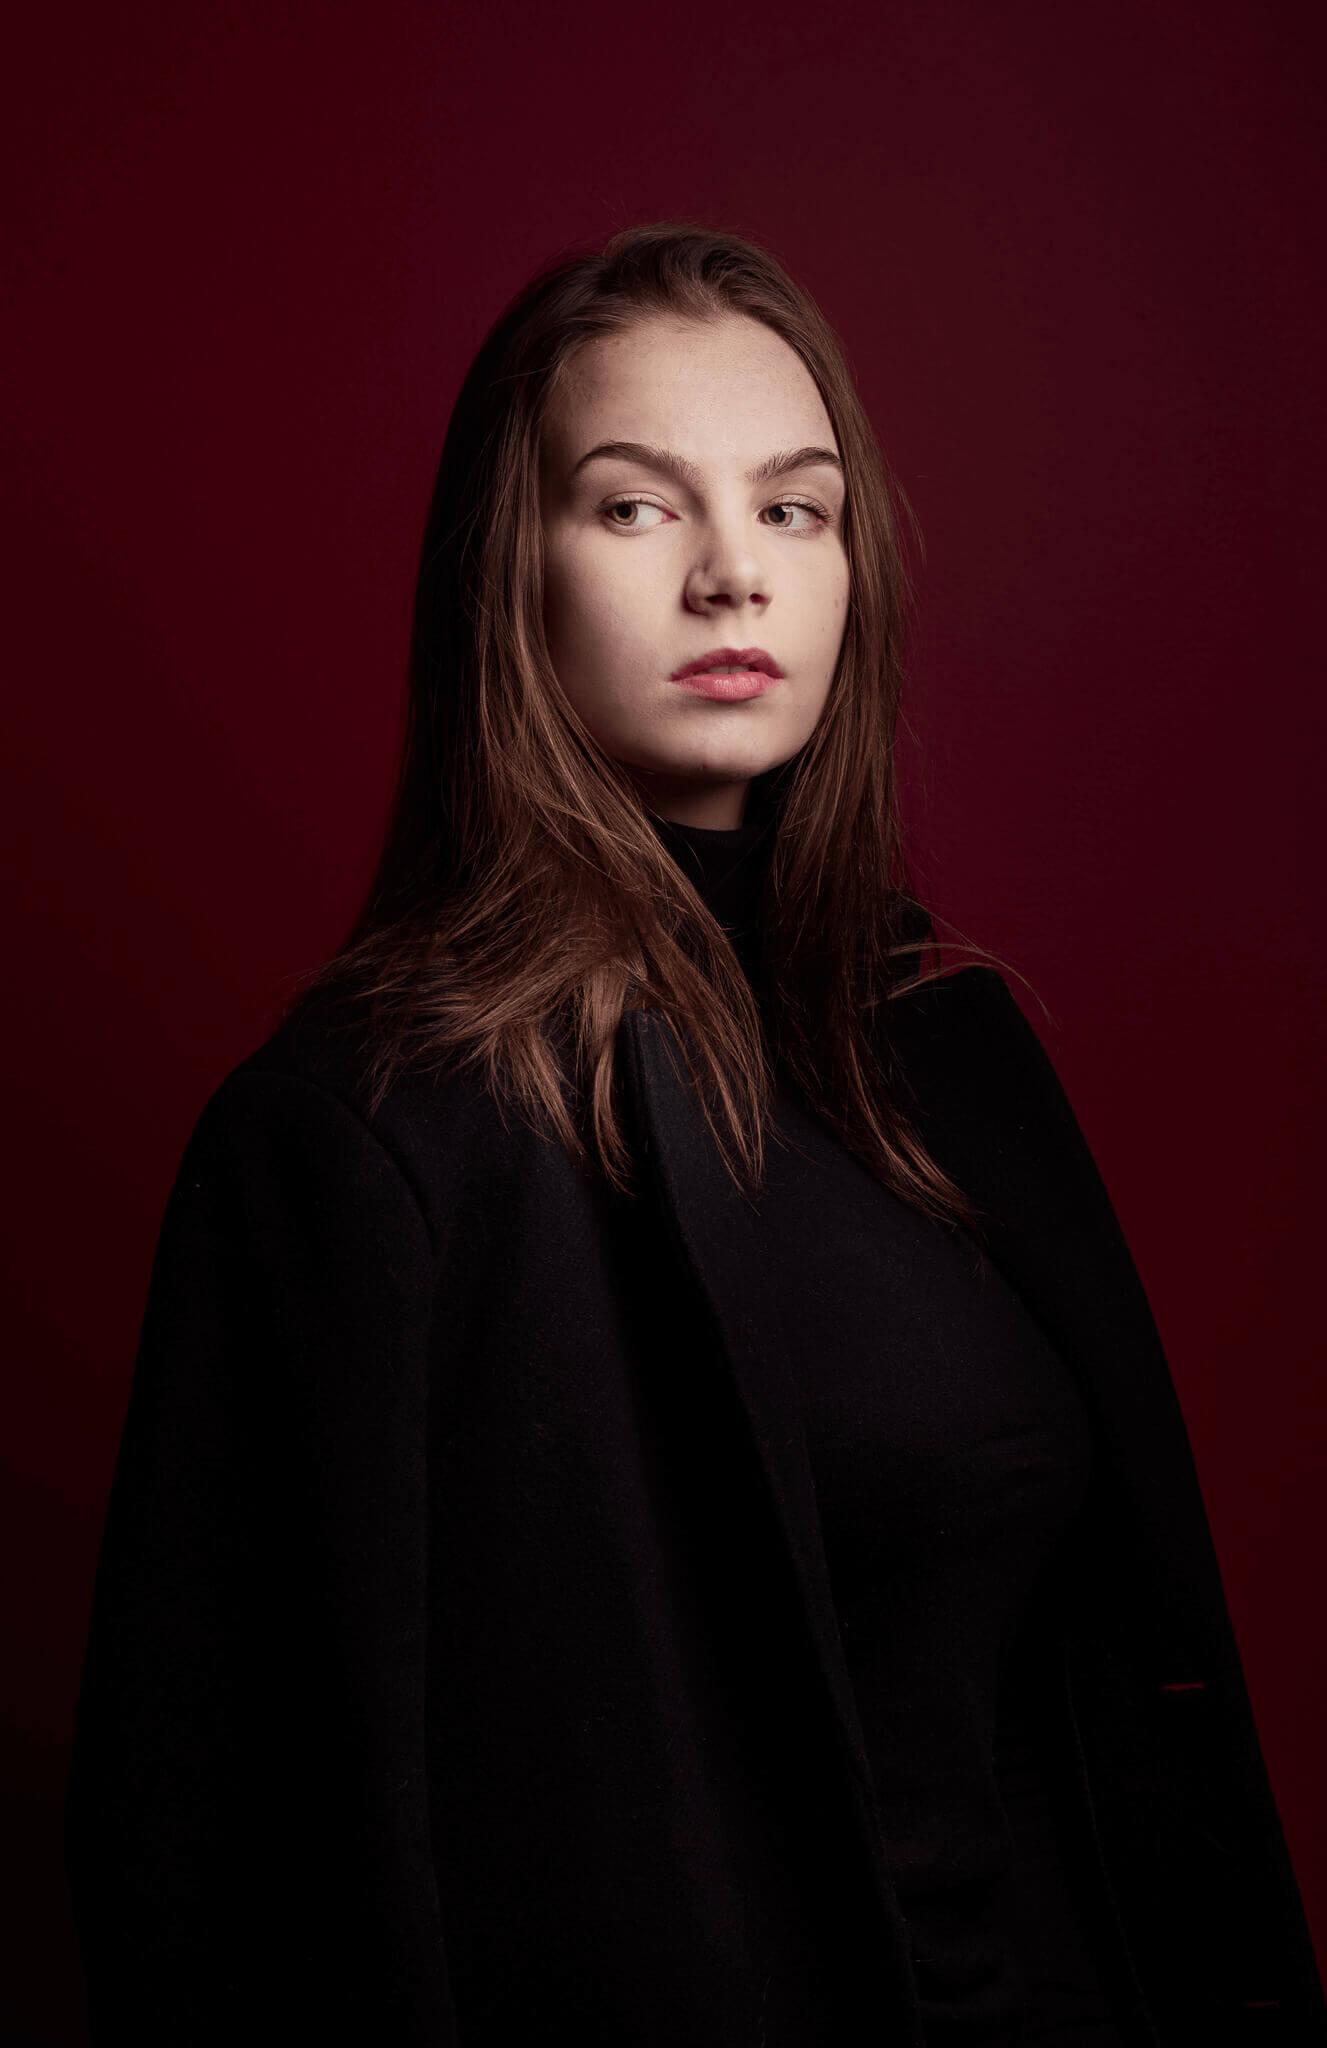 henkilökuvaus-nuoret valokuvaajat jyväskylä studiokuva pitkä takki